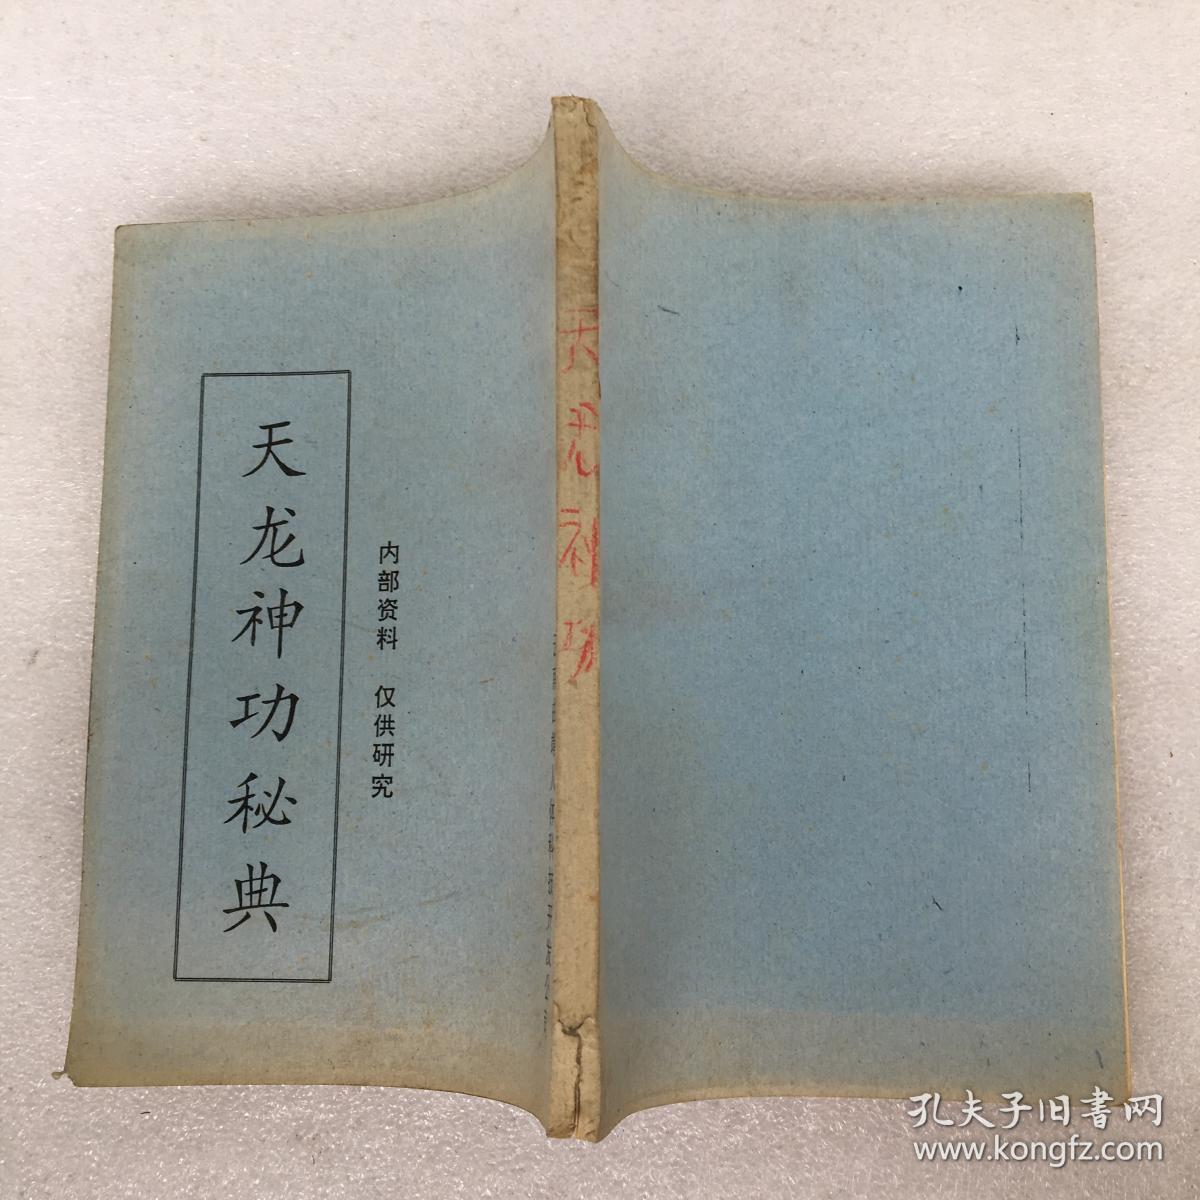 天龙 神功秘典(内含六脉神剑:卷一内功,卷二拳技,卷三图片